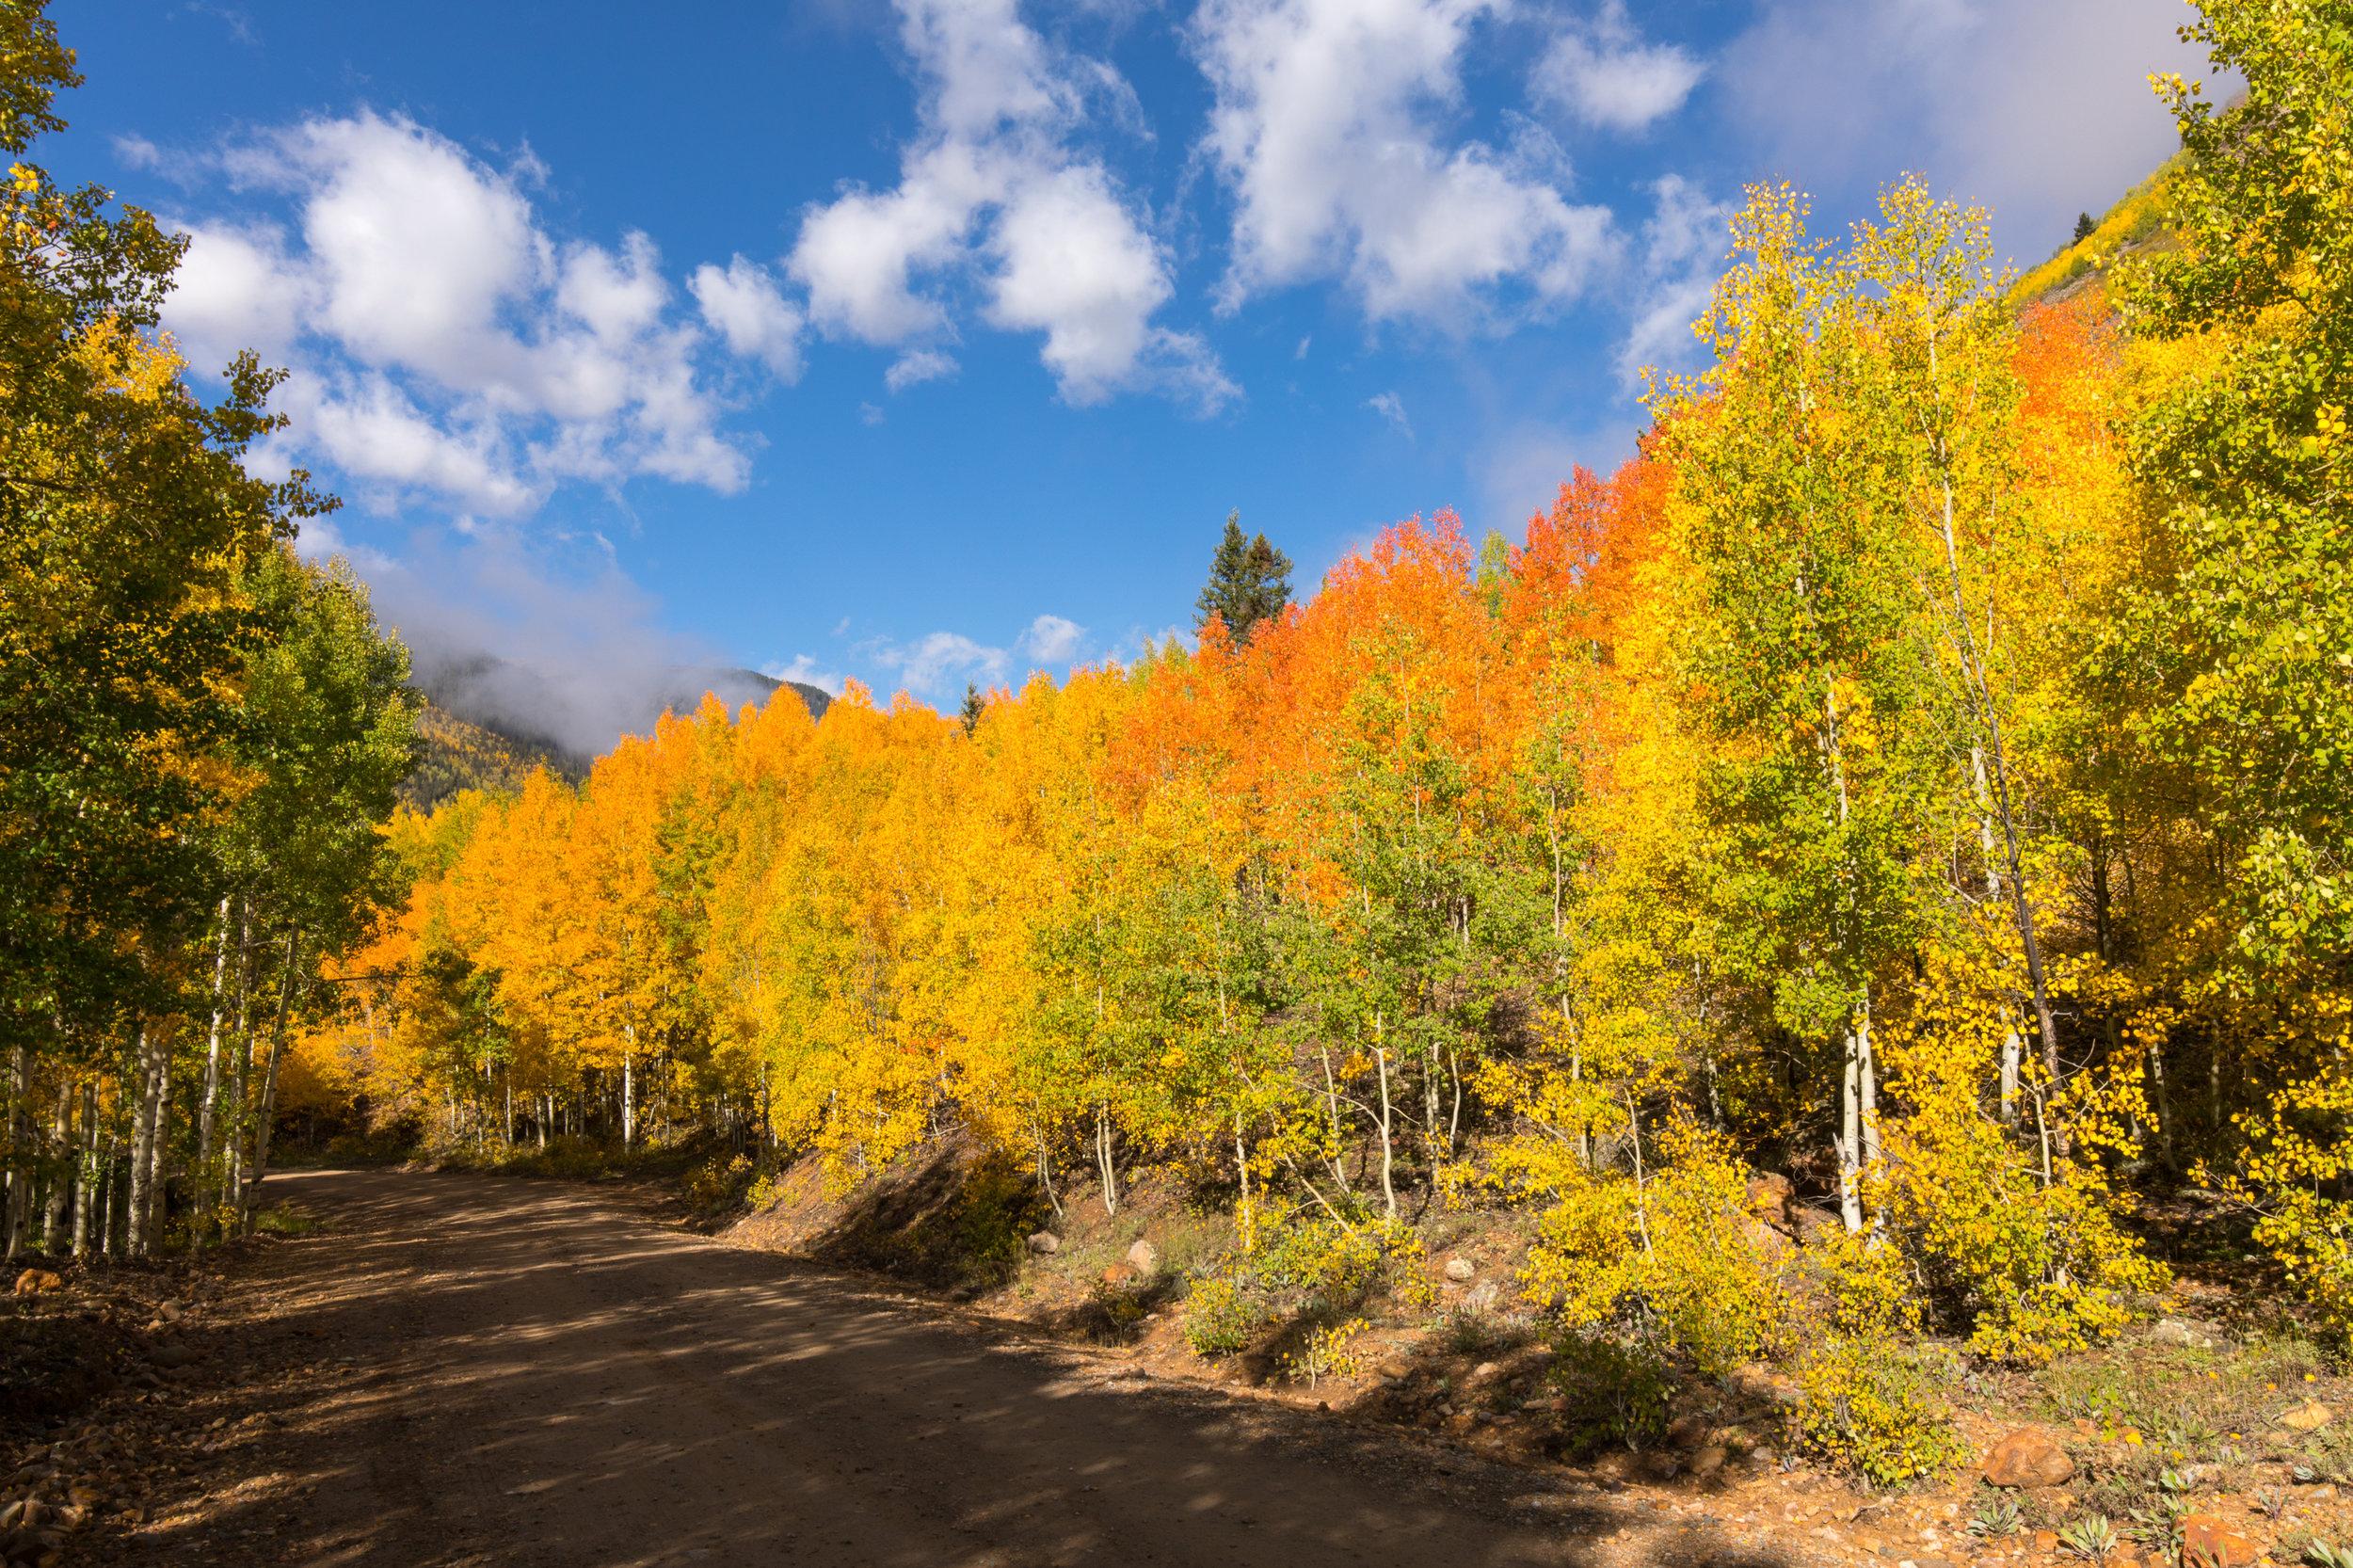 Silverton, Colorado, Image # 0783